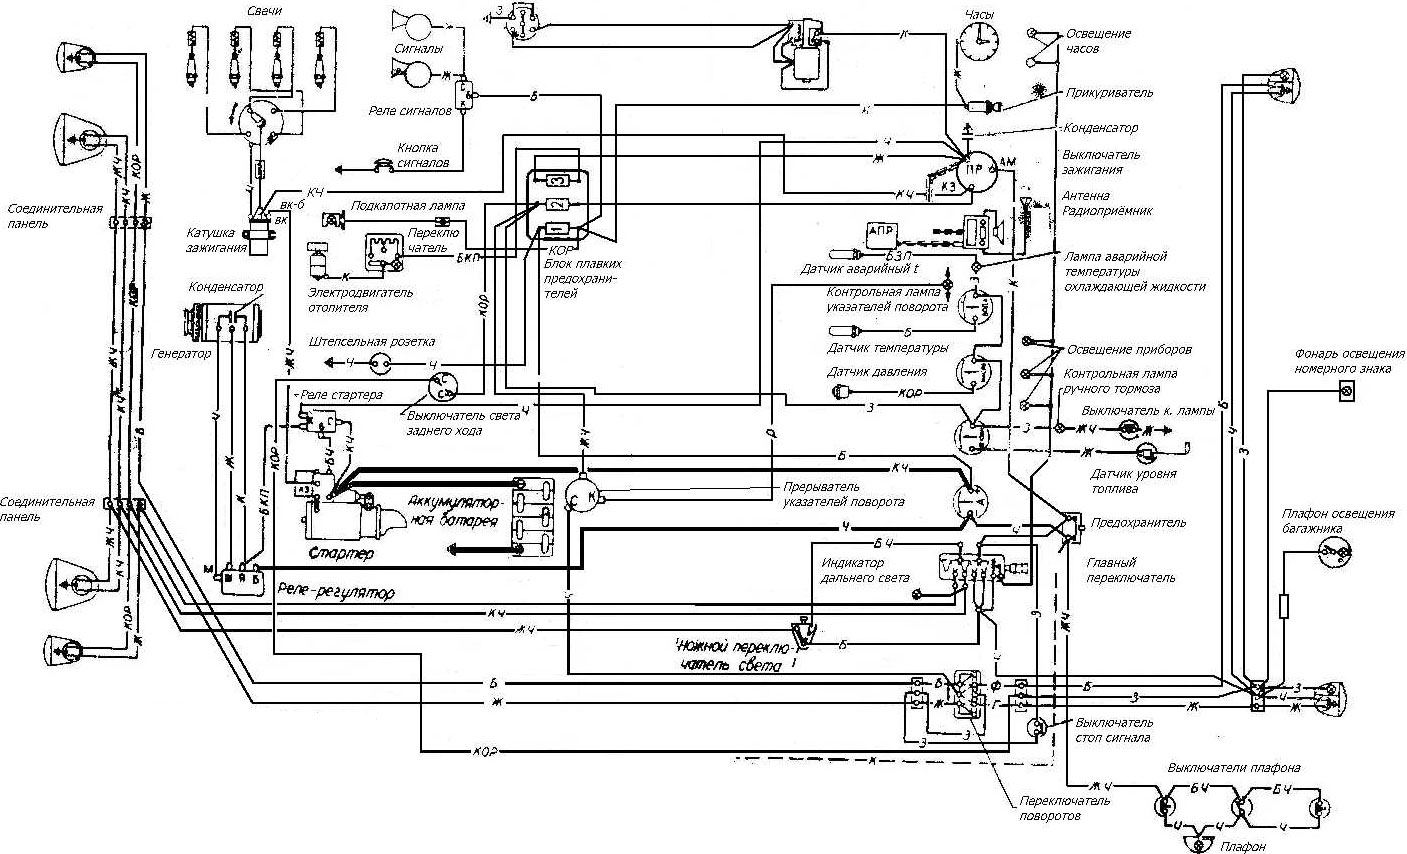 Схема электрооборудования ГАЗ-21